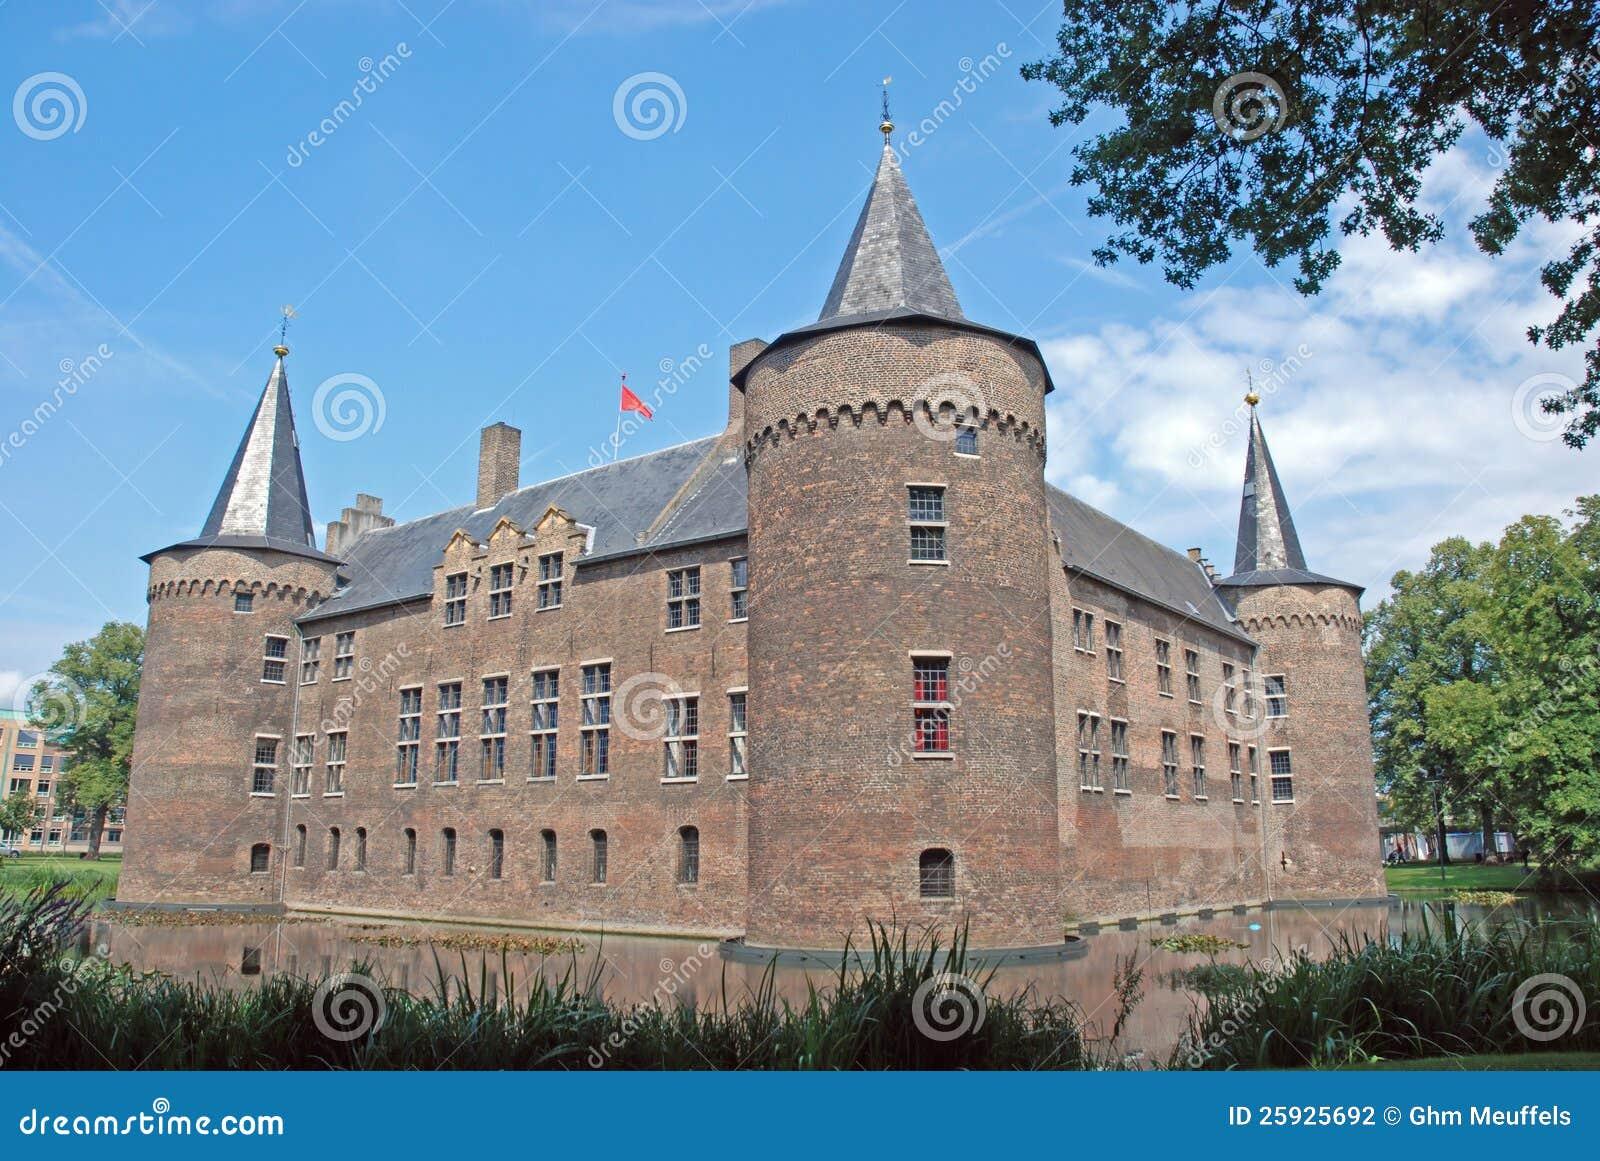 Dutch Castle Helmond,square medieval moated castle